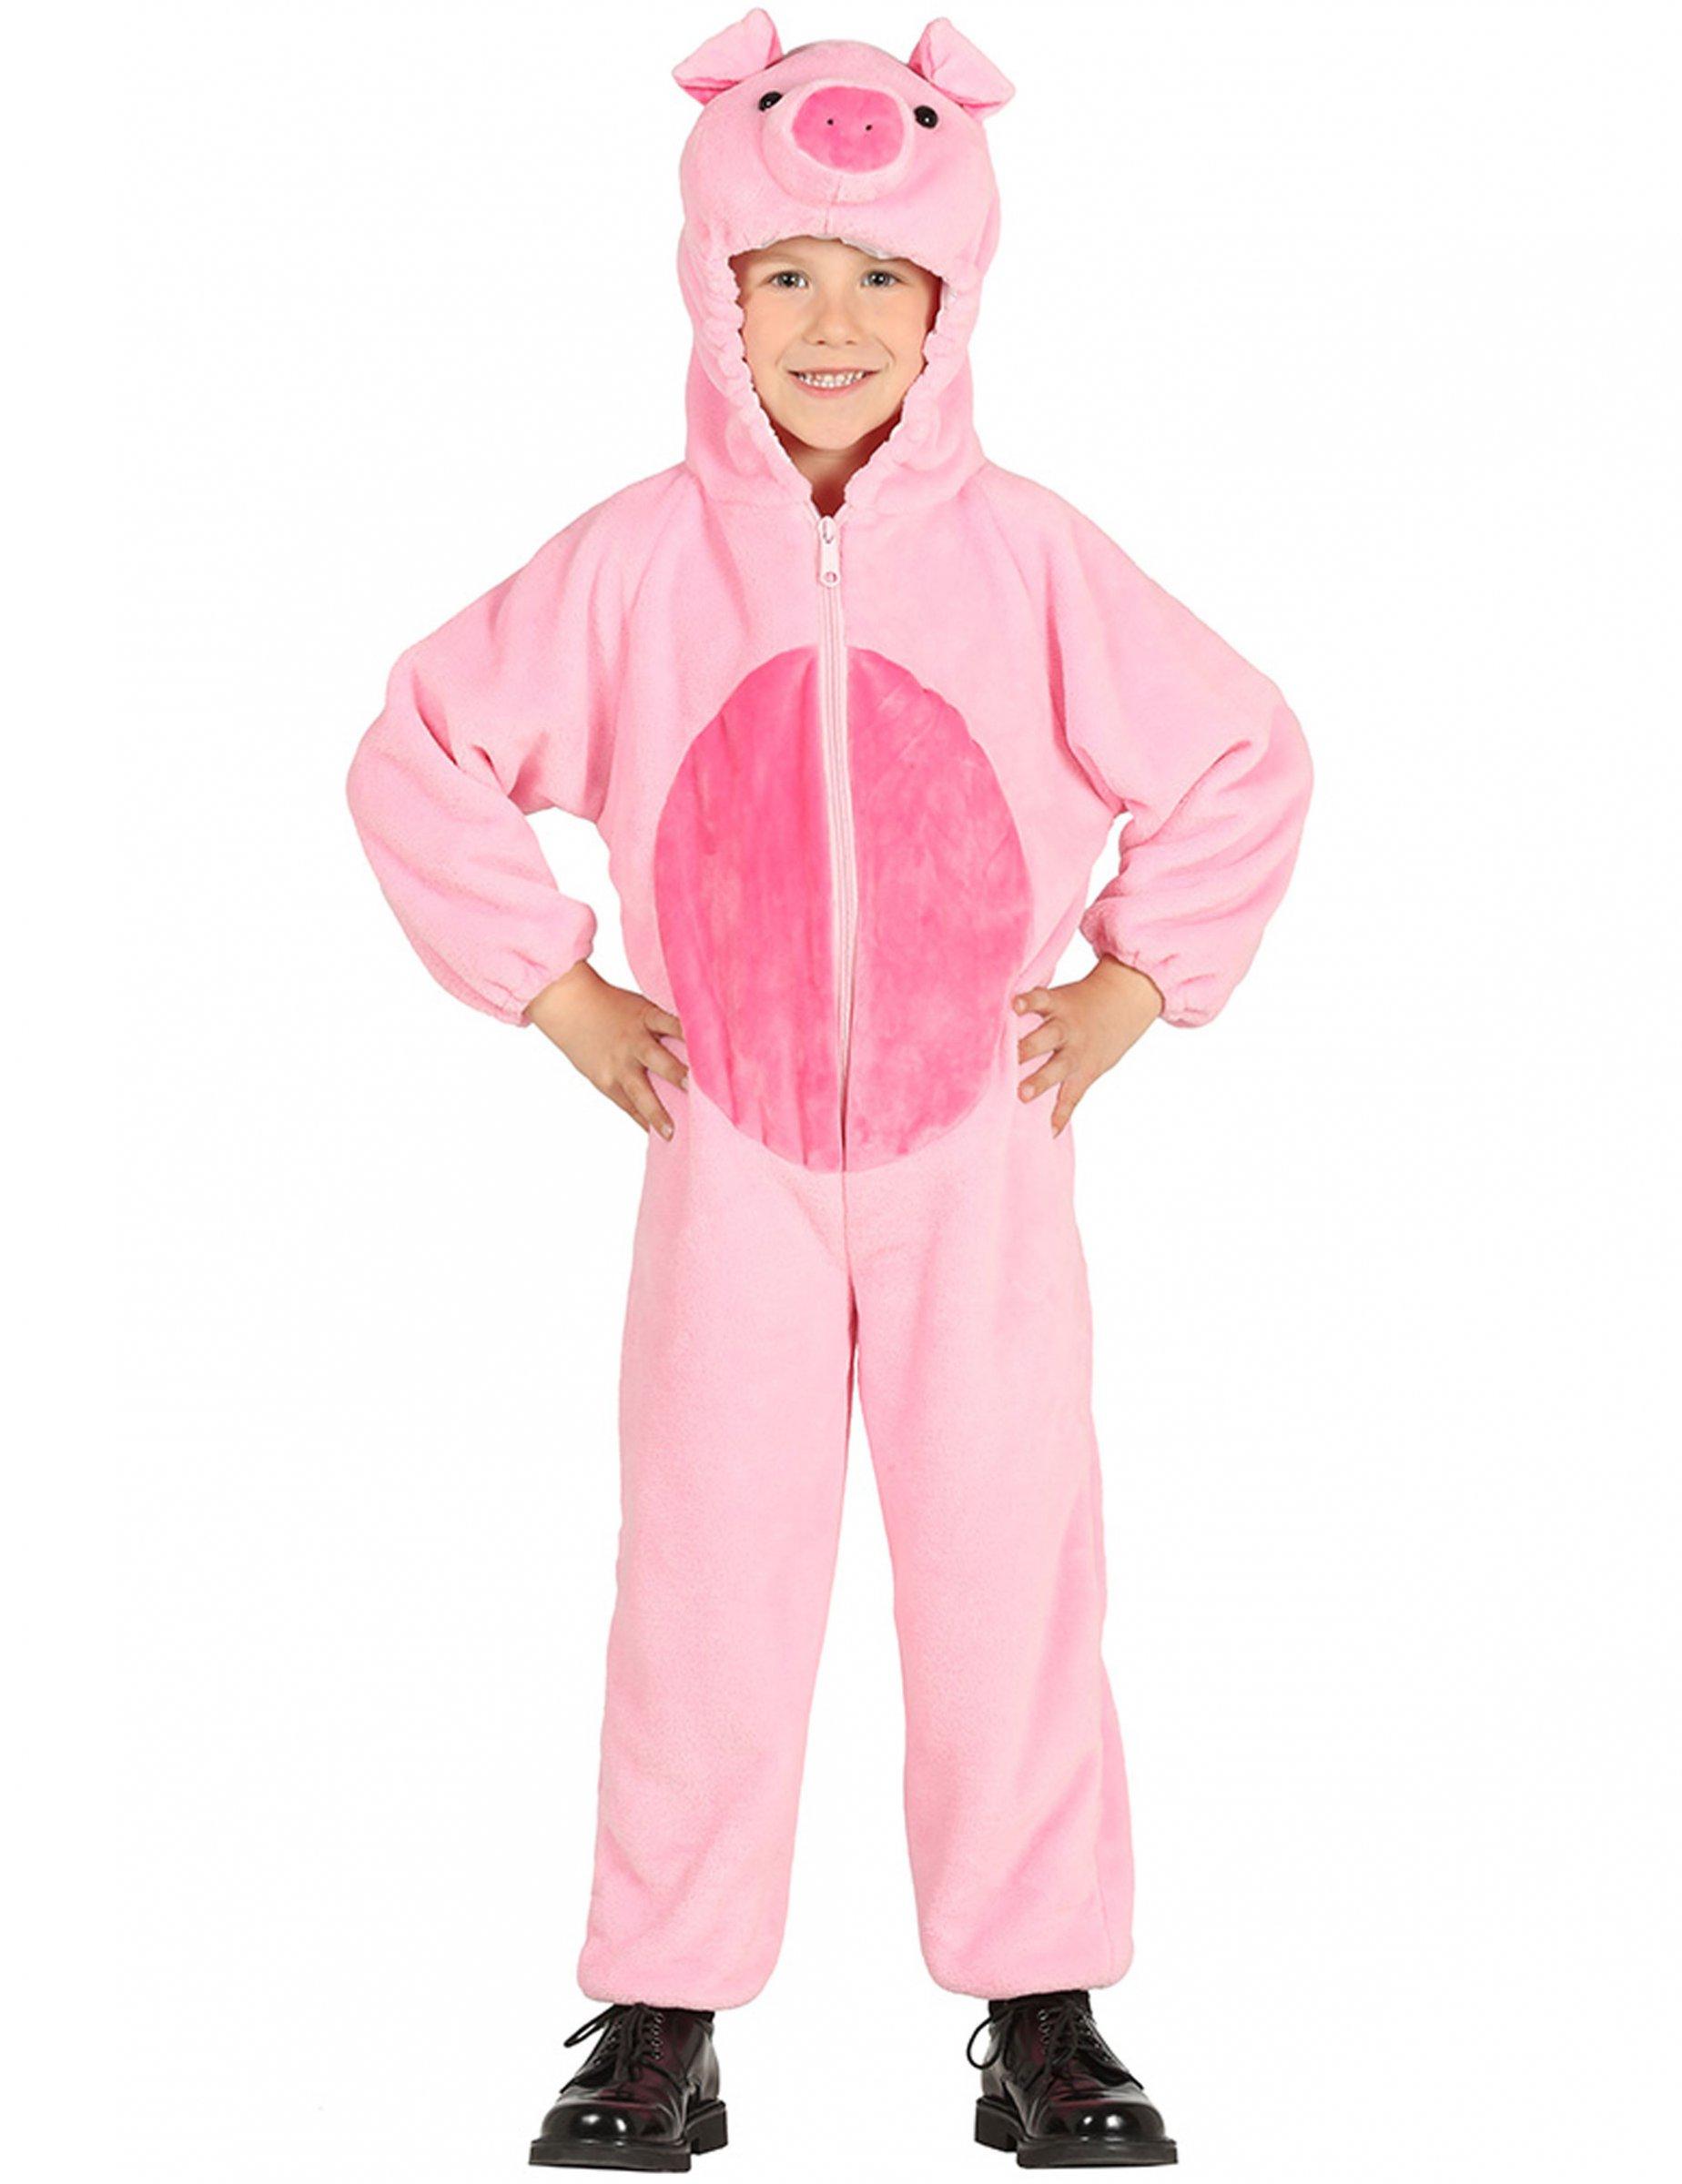 Déguisement cochon rose enfant   Deguise-toi, achat de Déguisements ... 5923a5f4cc43